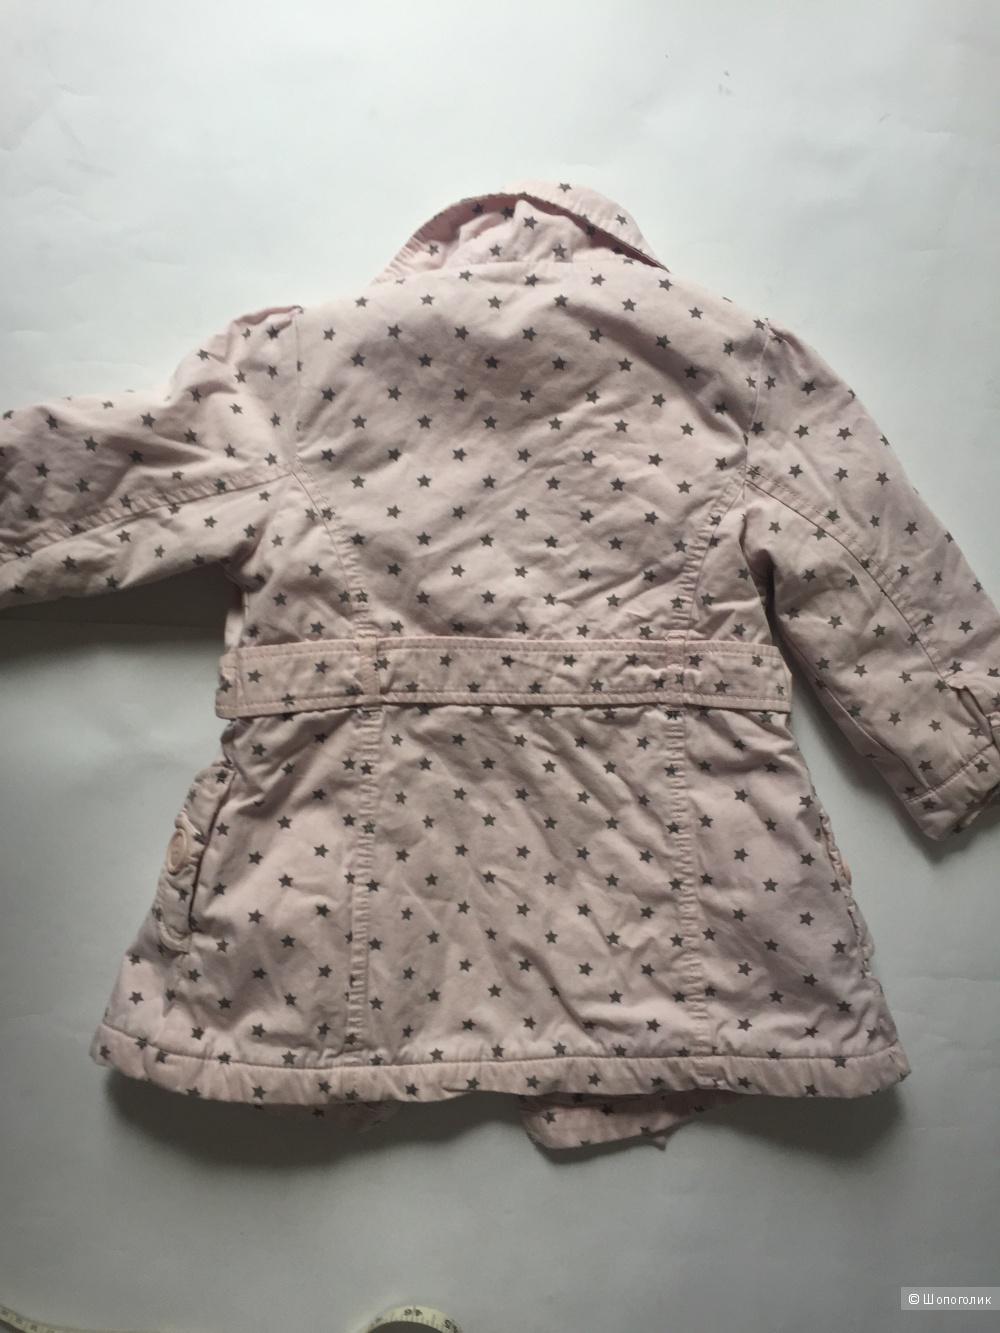 Сет детское пальто Next, ветровка no name, кофточка next на 1-2 года